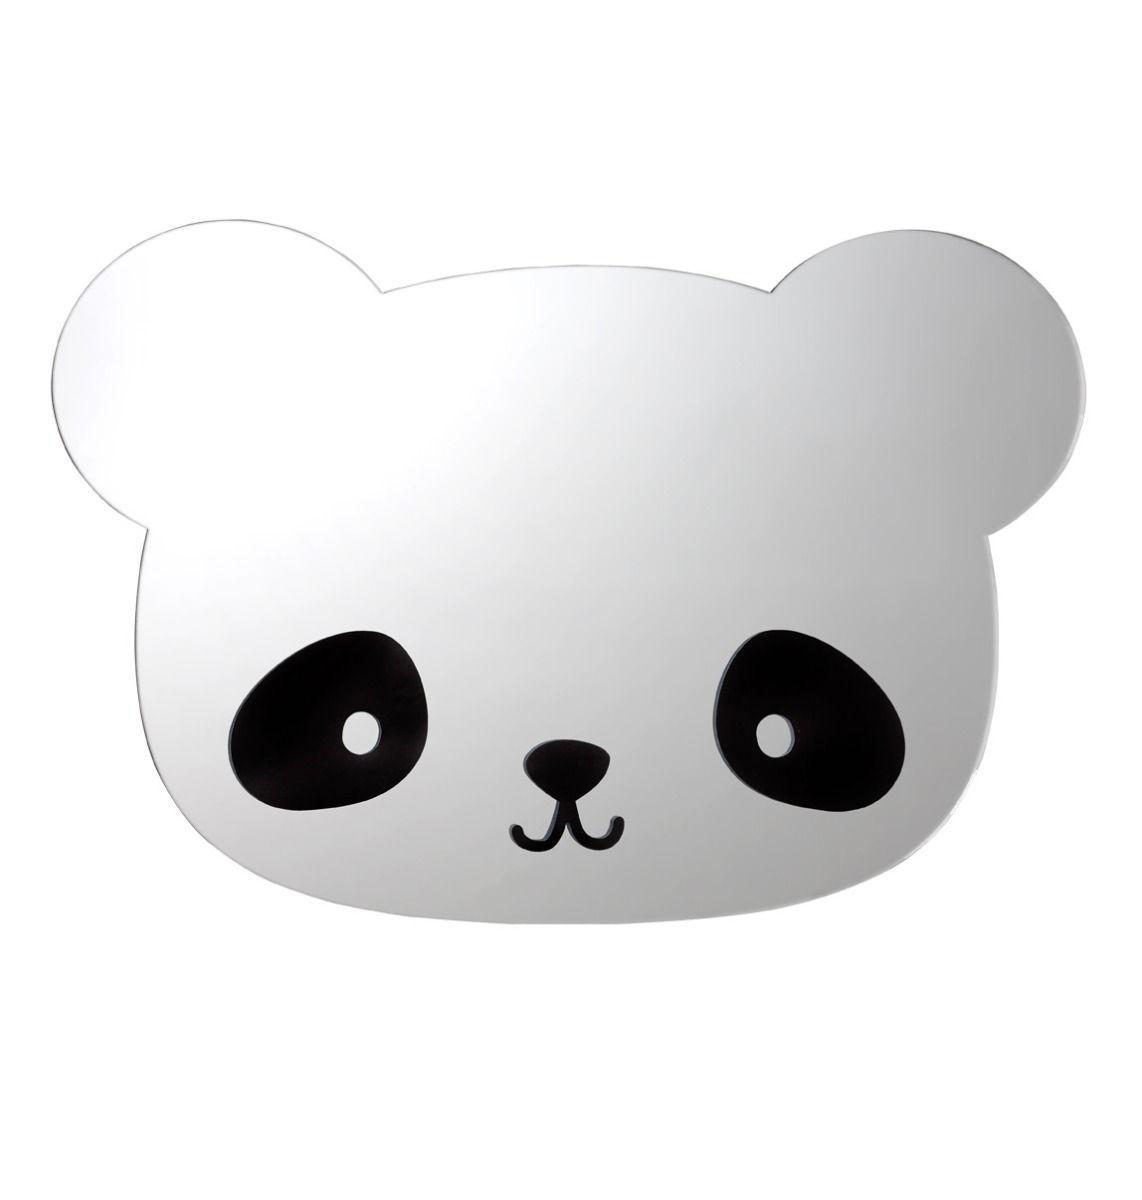 Image of Spejl fra A Little Lovely Company - Panda (MRBESI04)